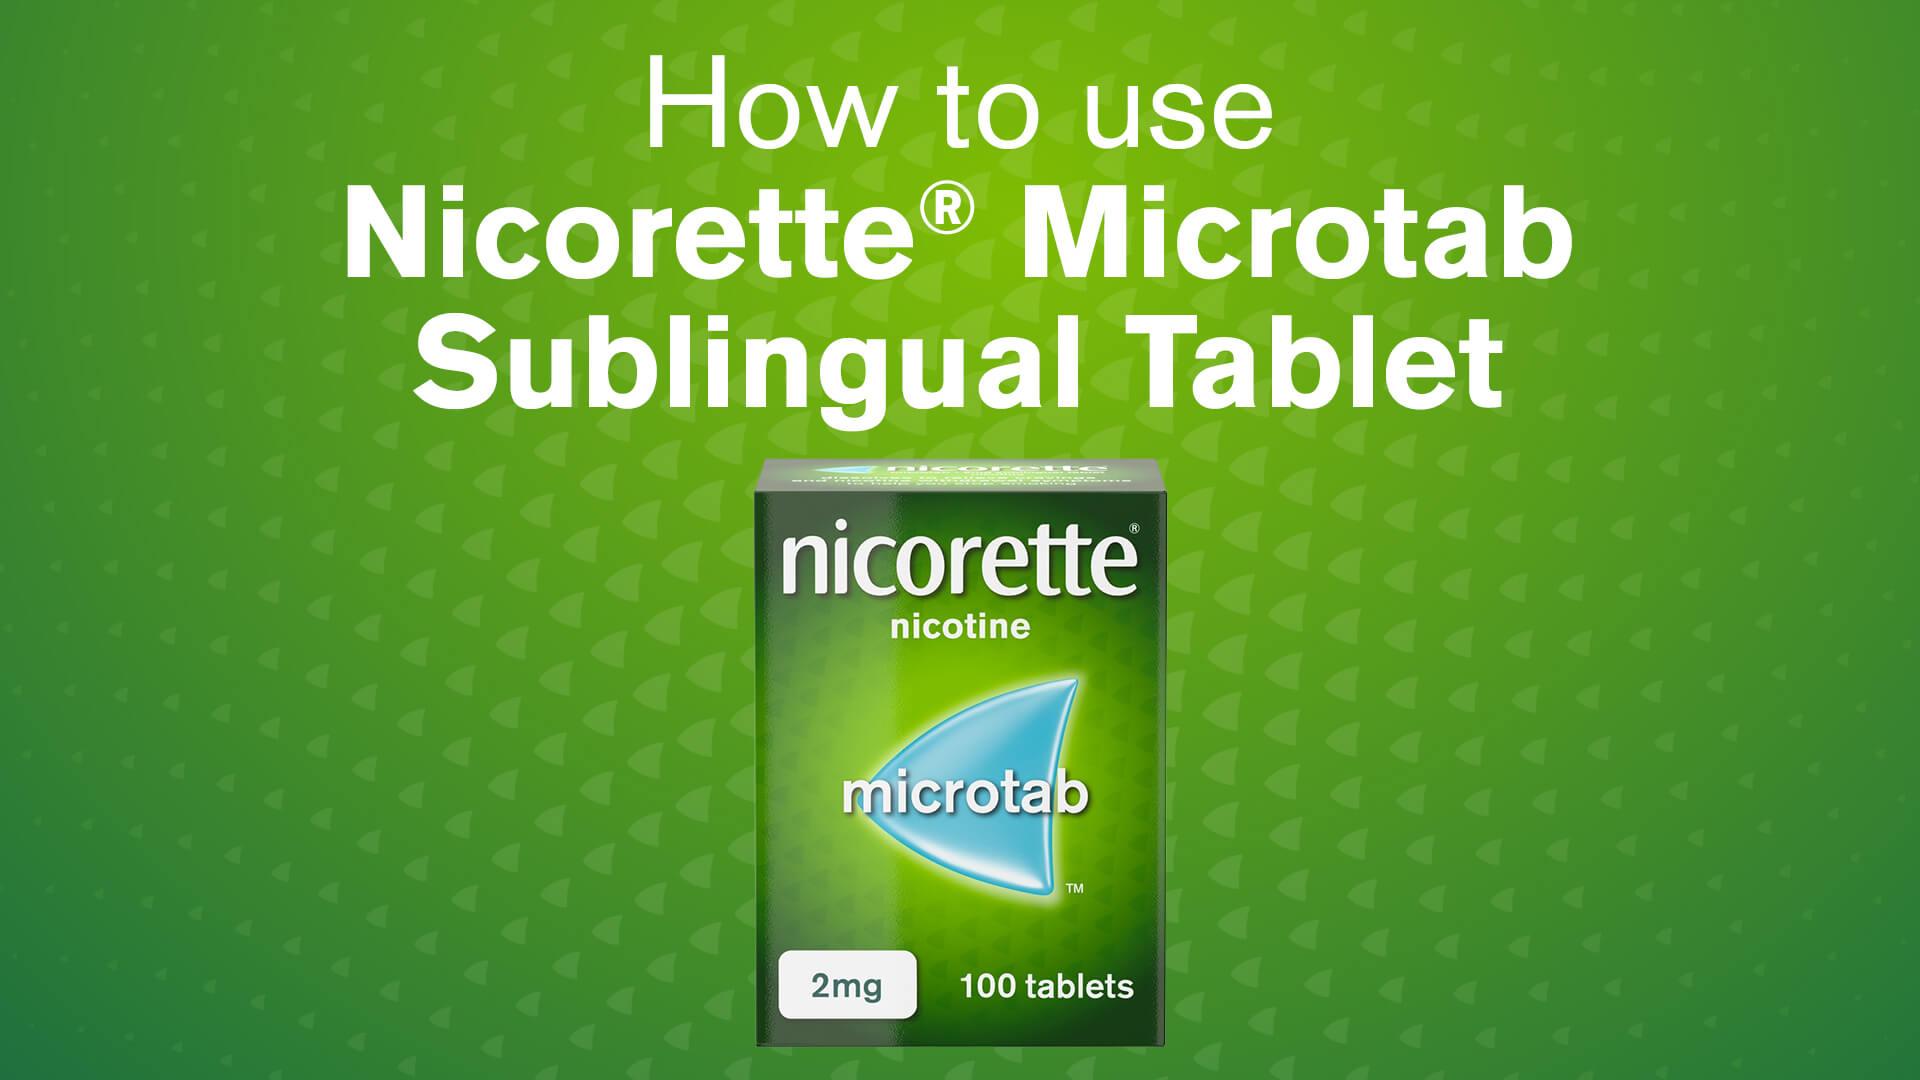 Nicorette® Microtab